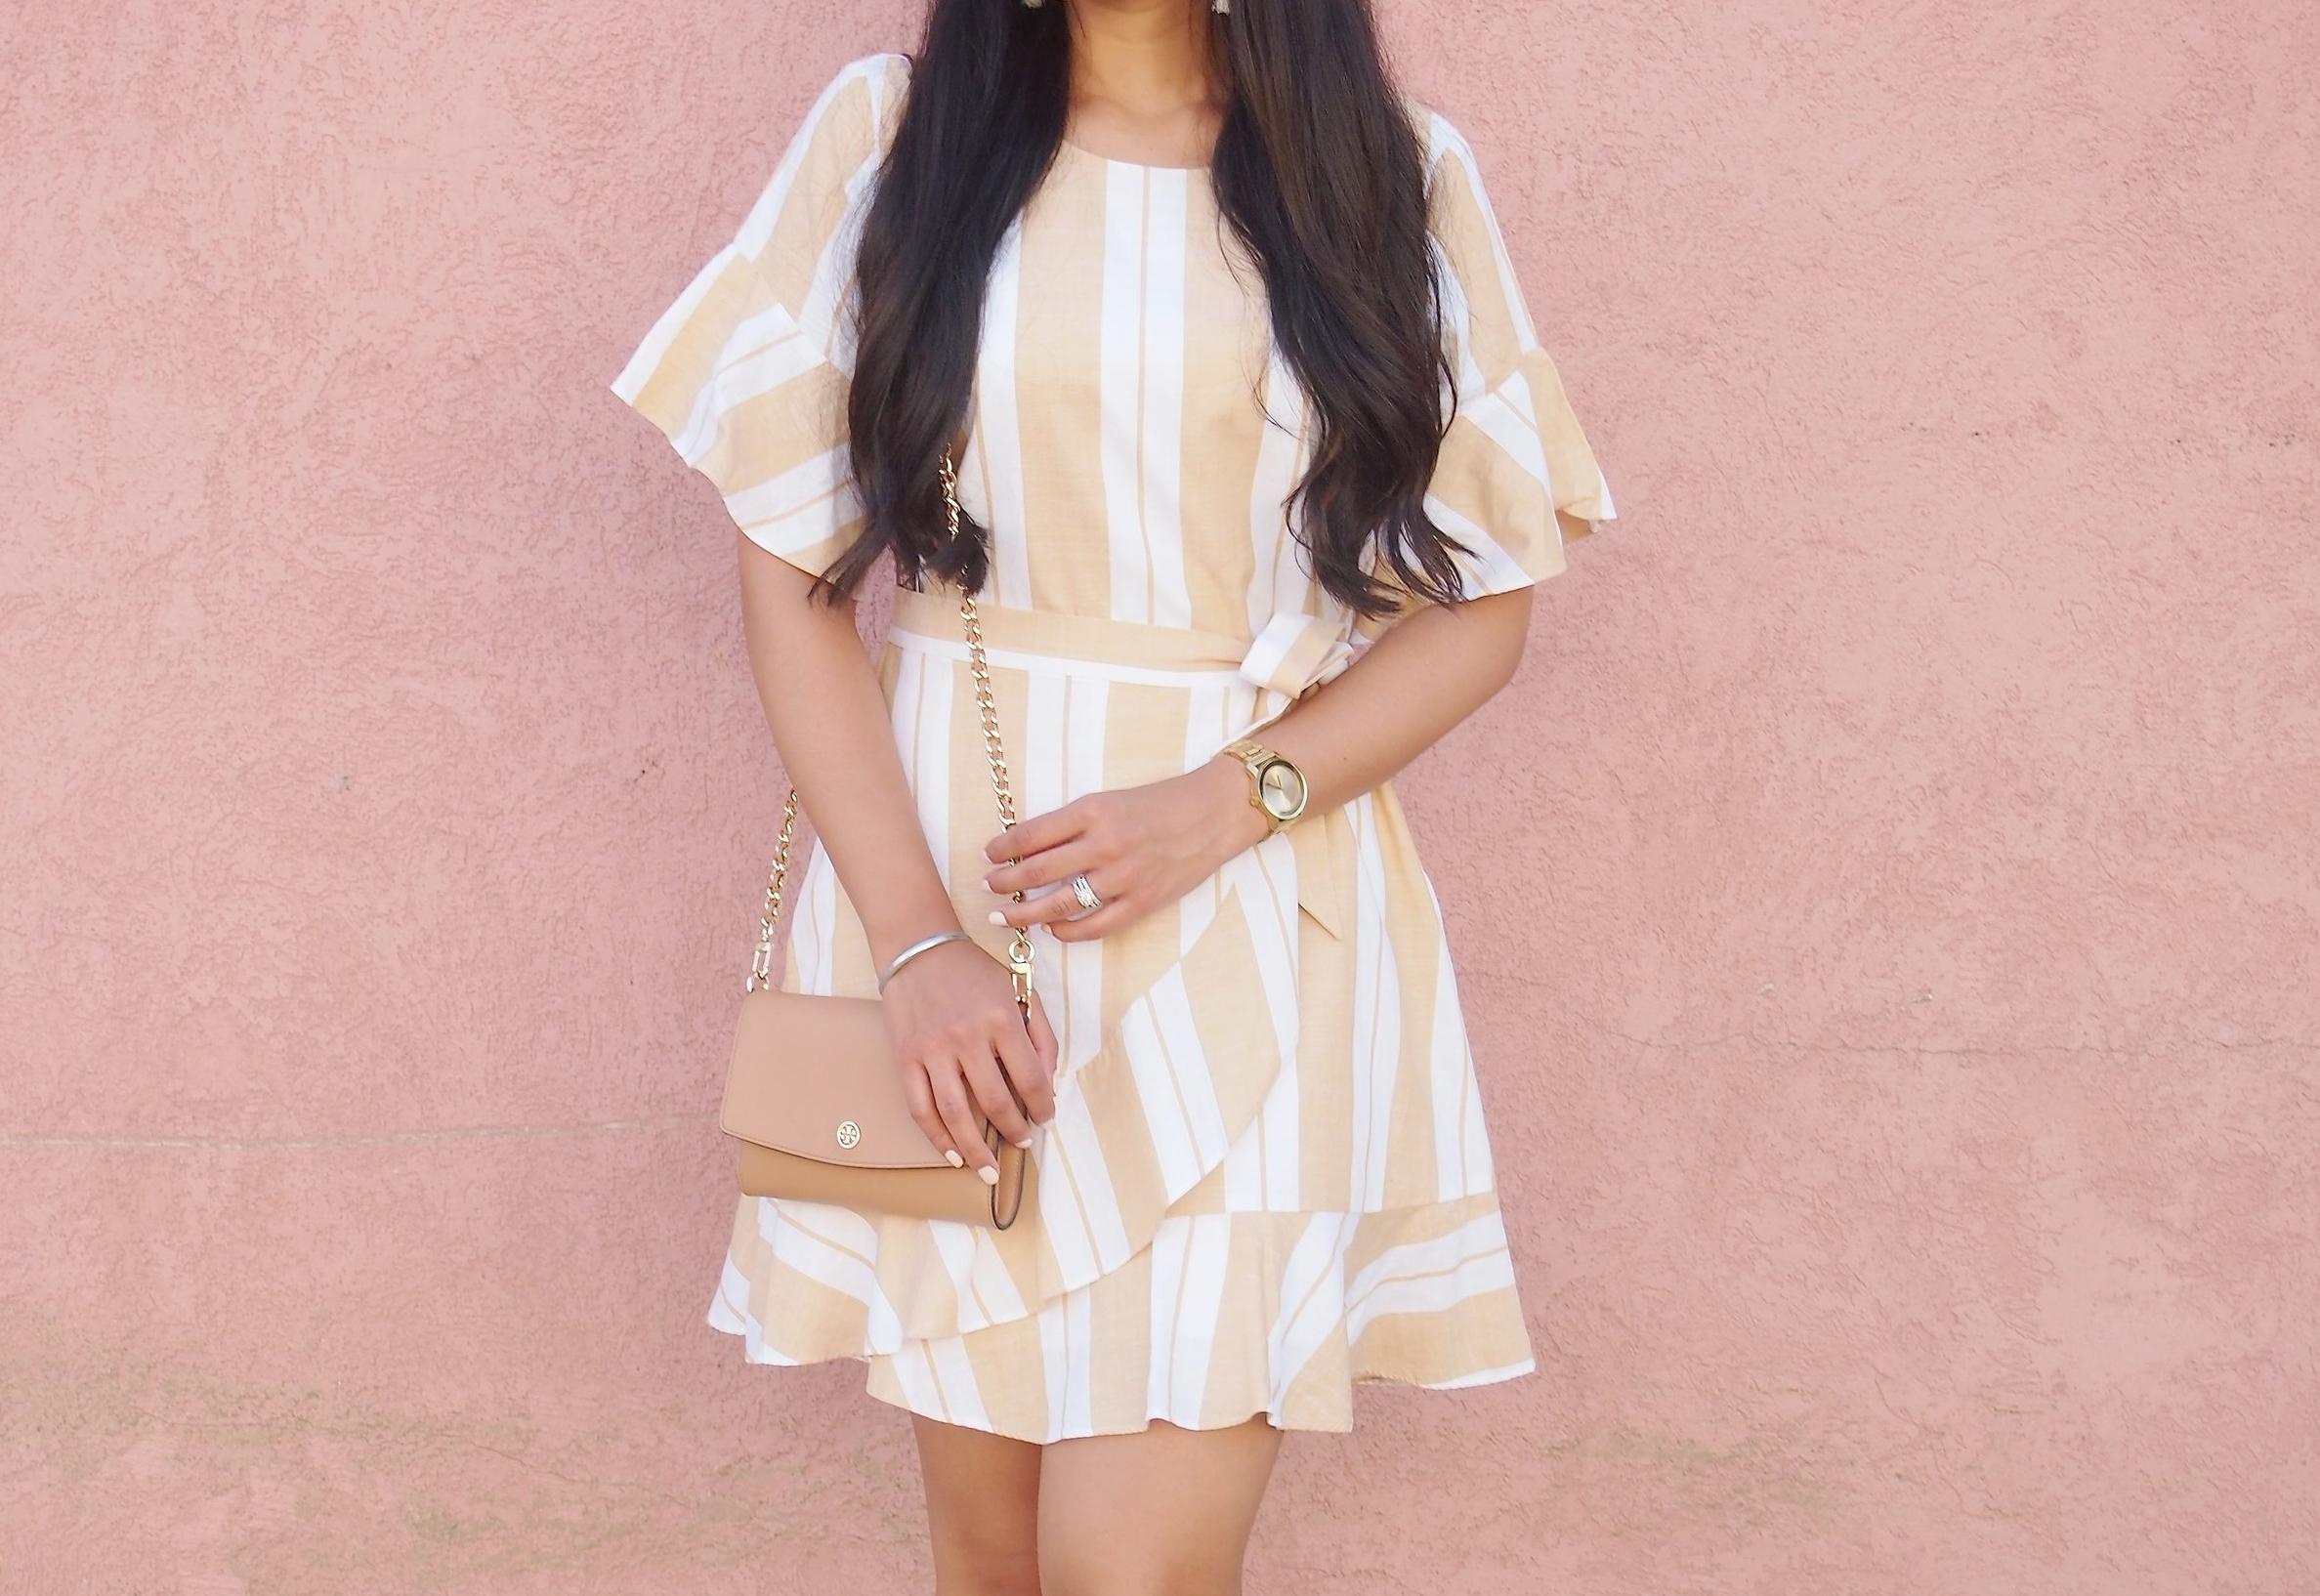 express-striped-wrap-dress-summer-trends-fashion-blogger-mygoldenbeauty.JPG